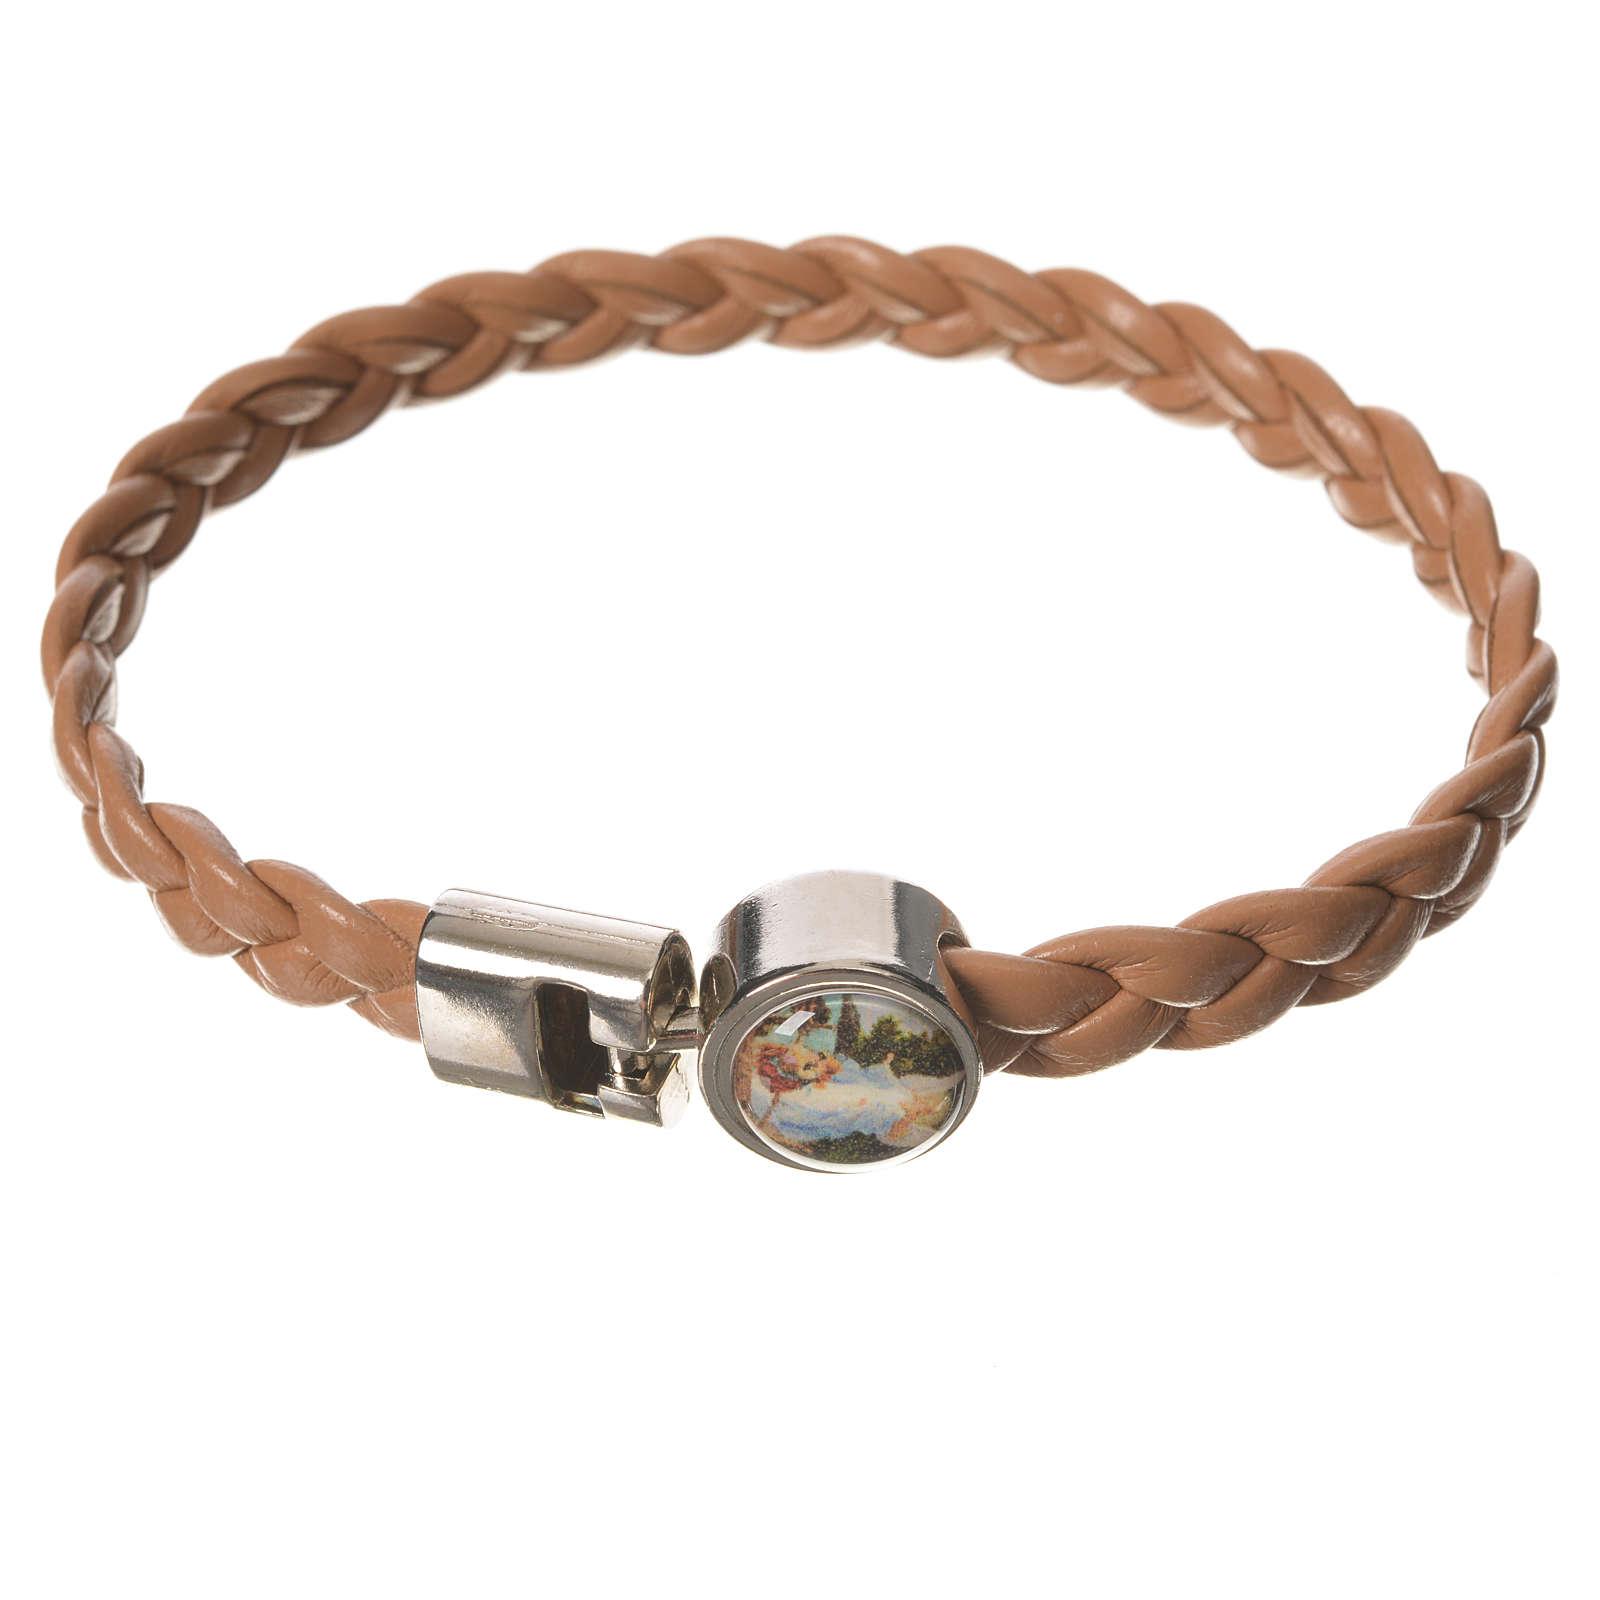 Bracelet tressé 20 cm Ange couleur cuir 4